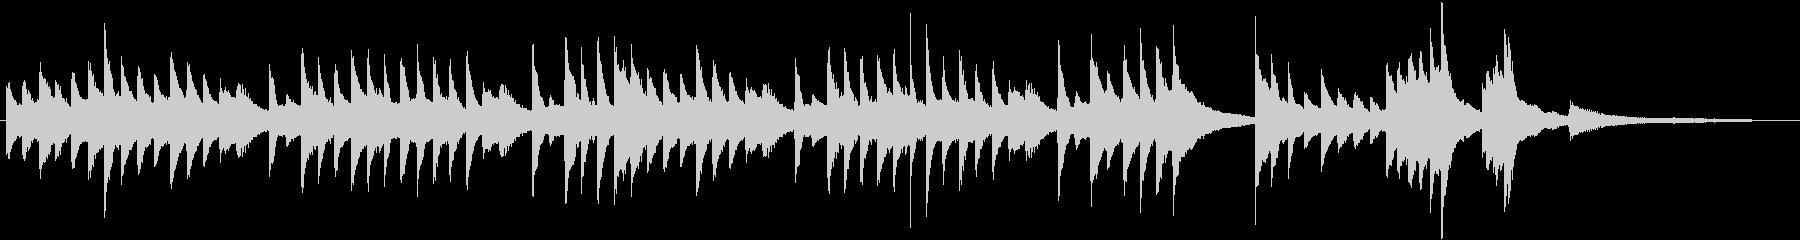 童謡・うれしいひなまつりピアノBGM③の未再生の波形